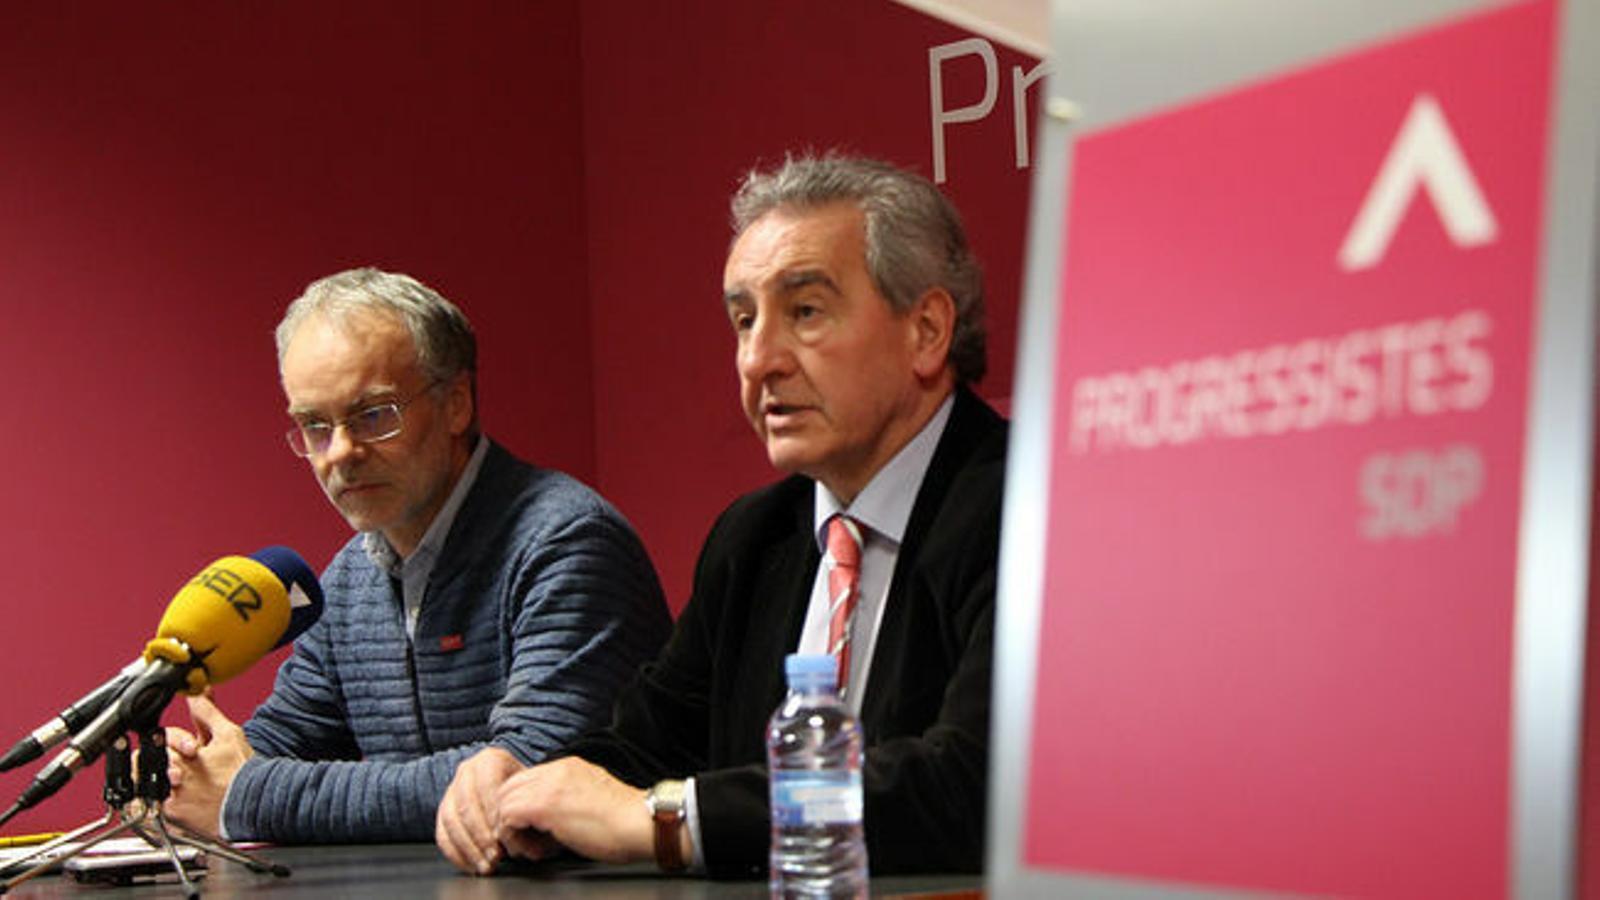 El candidat i el president de Progressistes-SDP, Josep Roig i Jaume Bartumeu, durant una roda de premsa. / M. M.